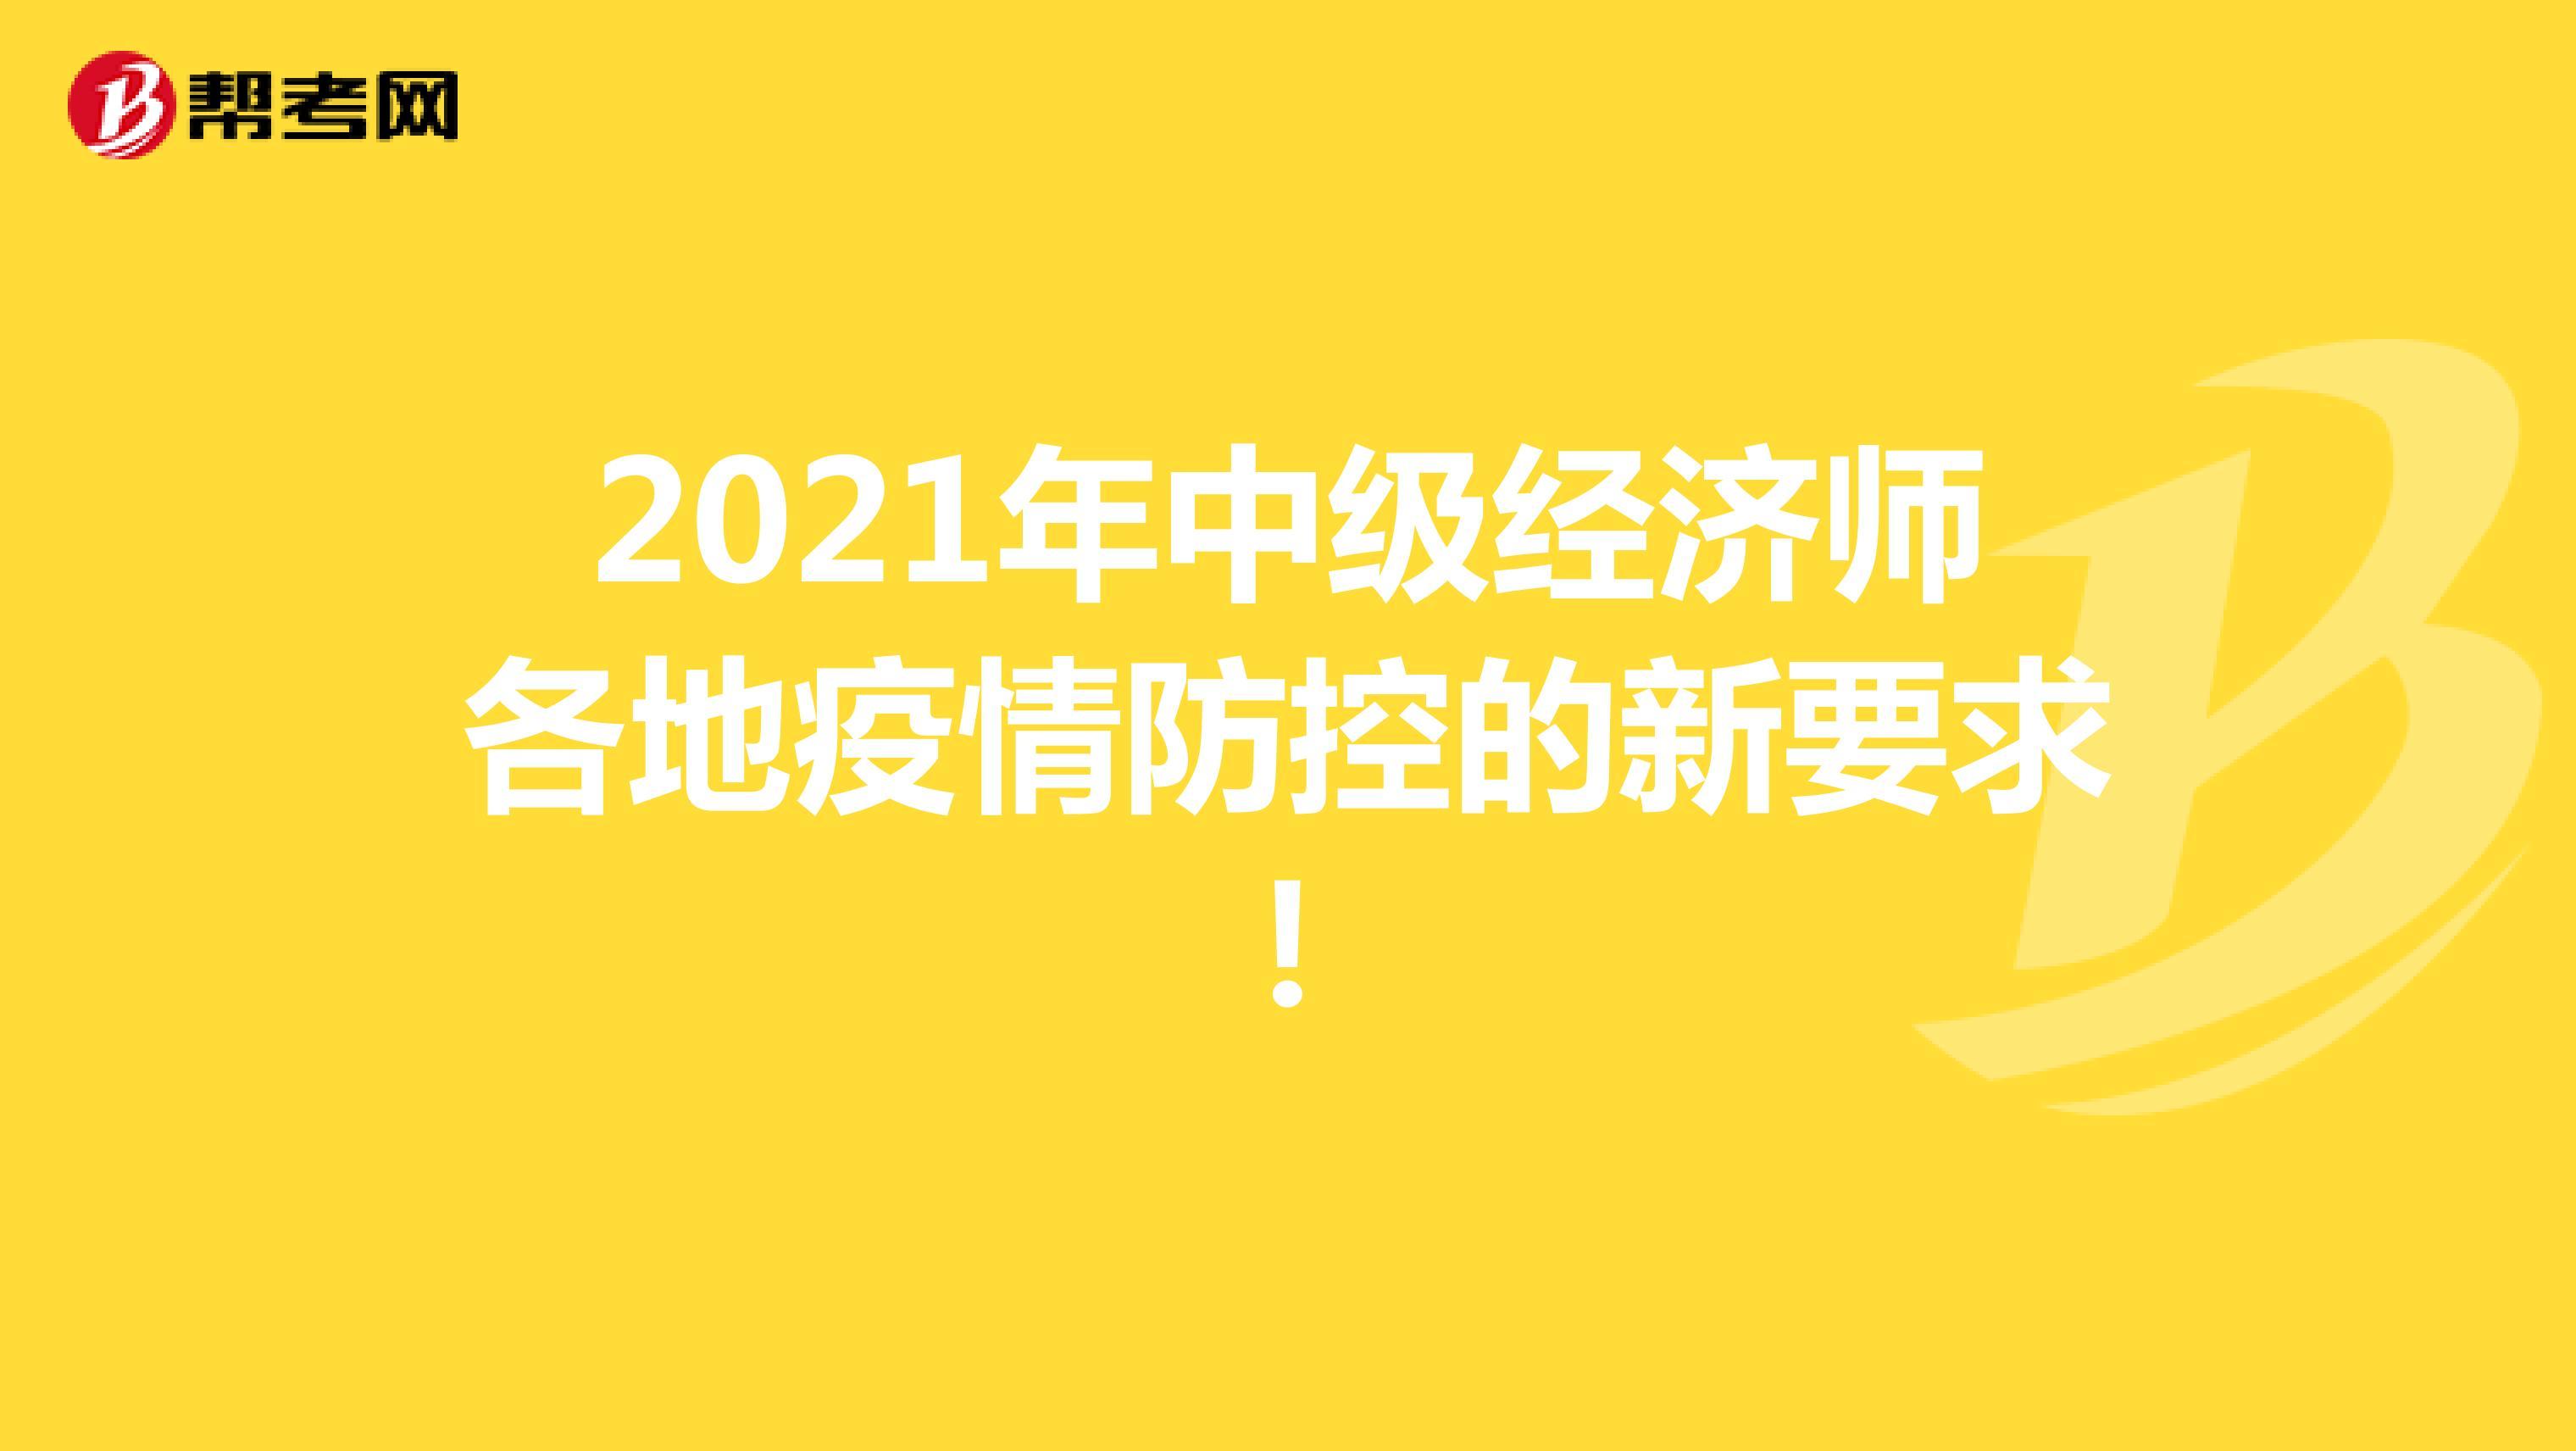 2021年中级经济师各地疫情防控的新要求!